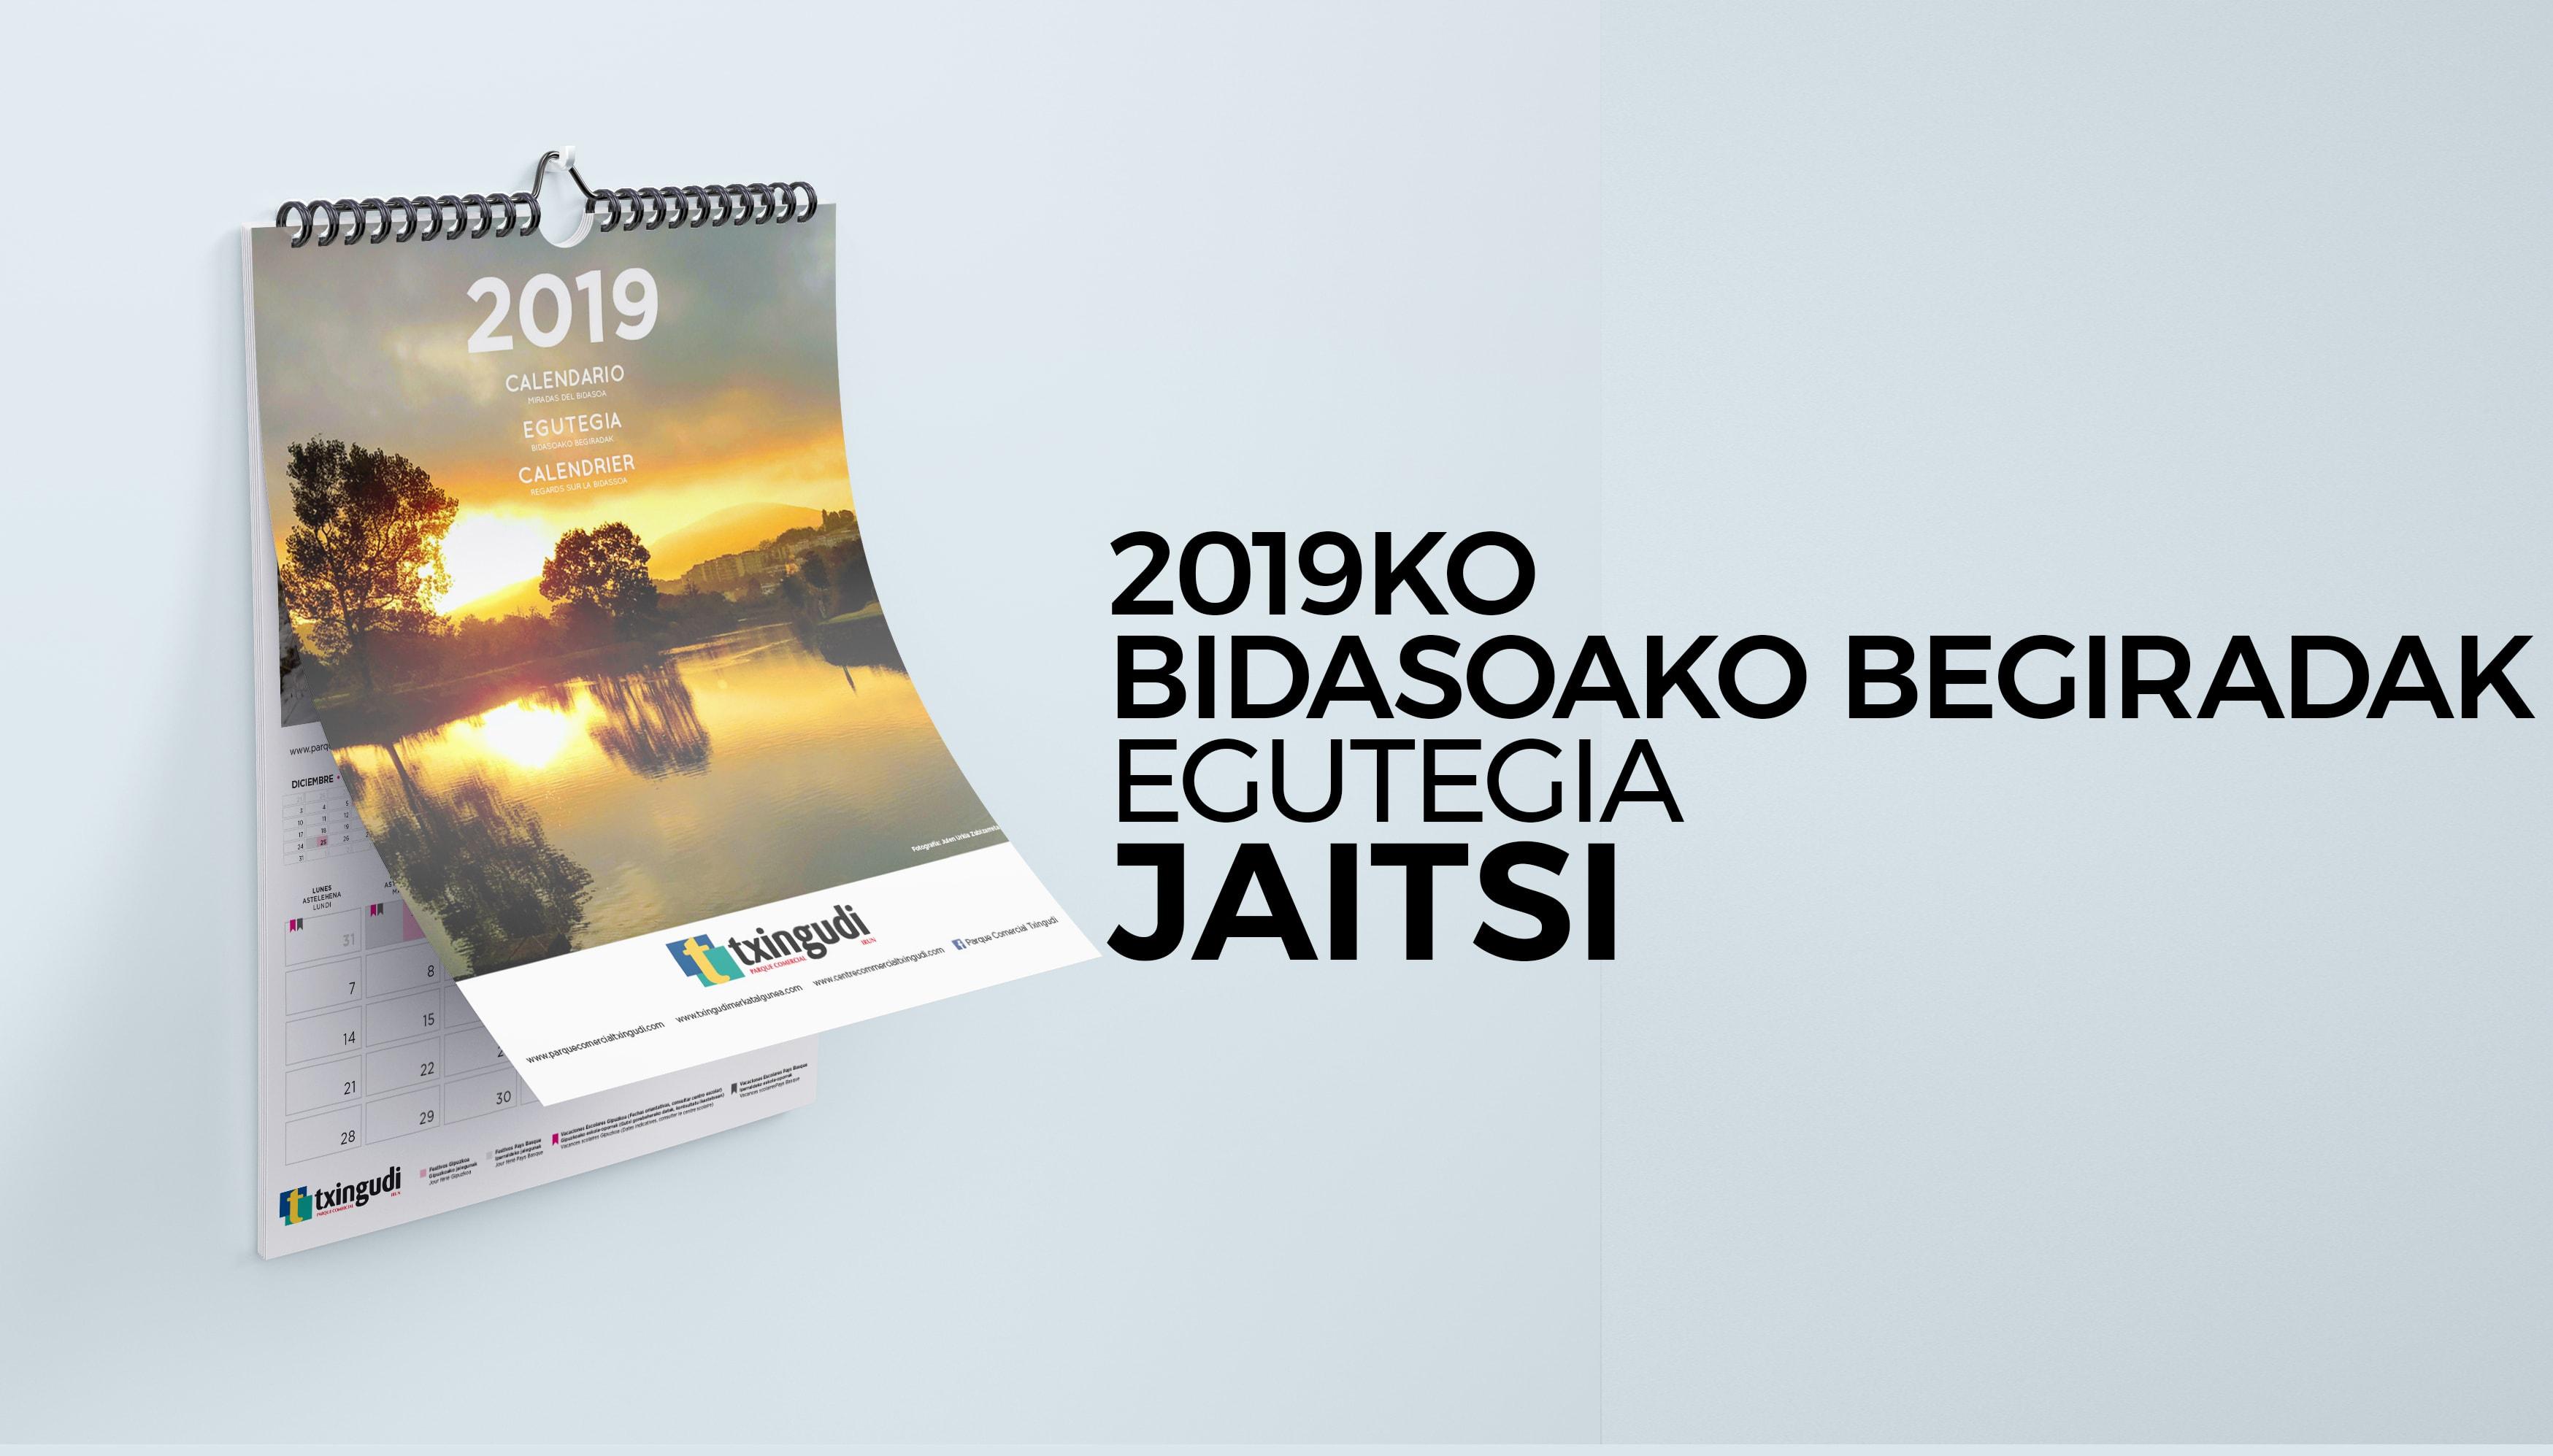 2019ko Bidasoako Begiradak egutegia jaitsi